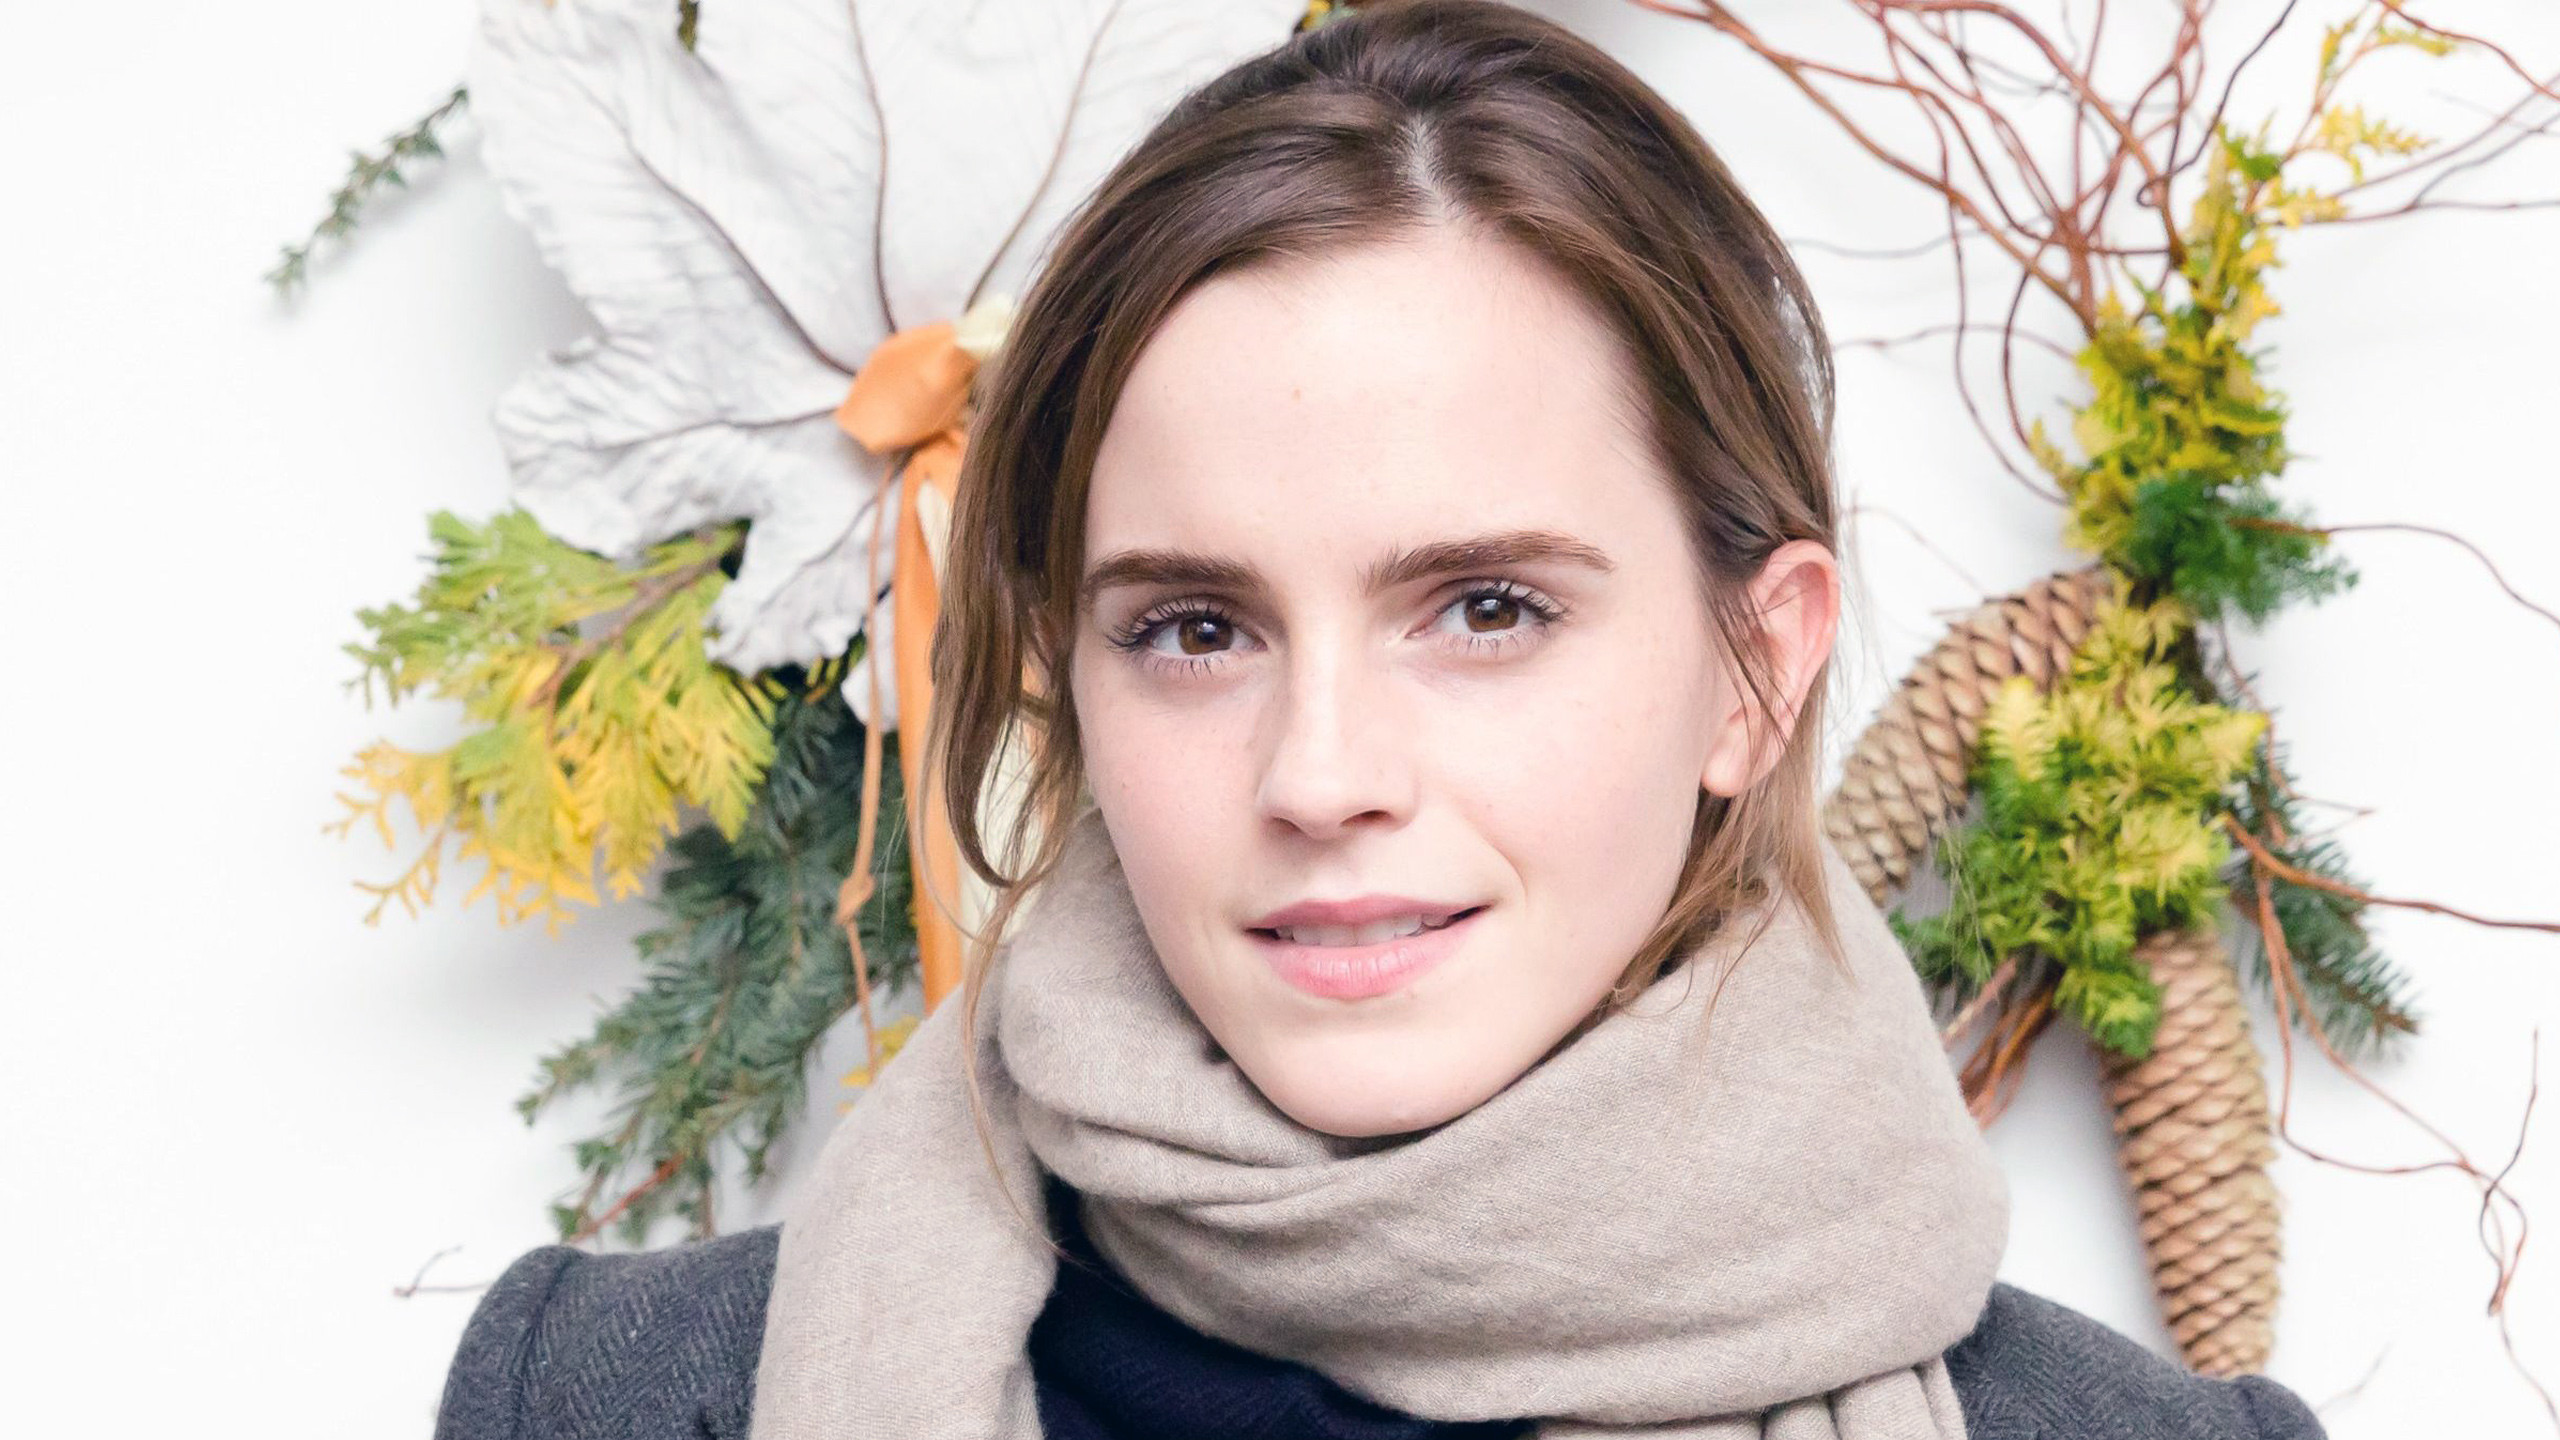 Emma Watson Hd Wallpapers 0 - Emma Watson News Instagram , HD Wallpaper & Backgrounds